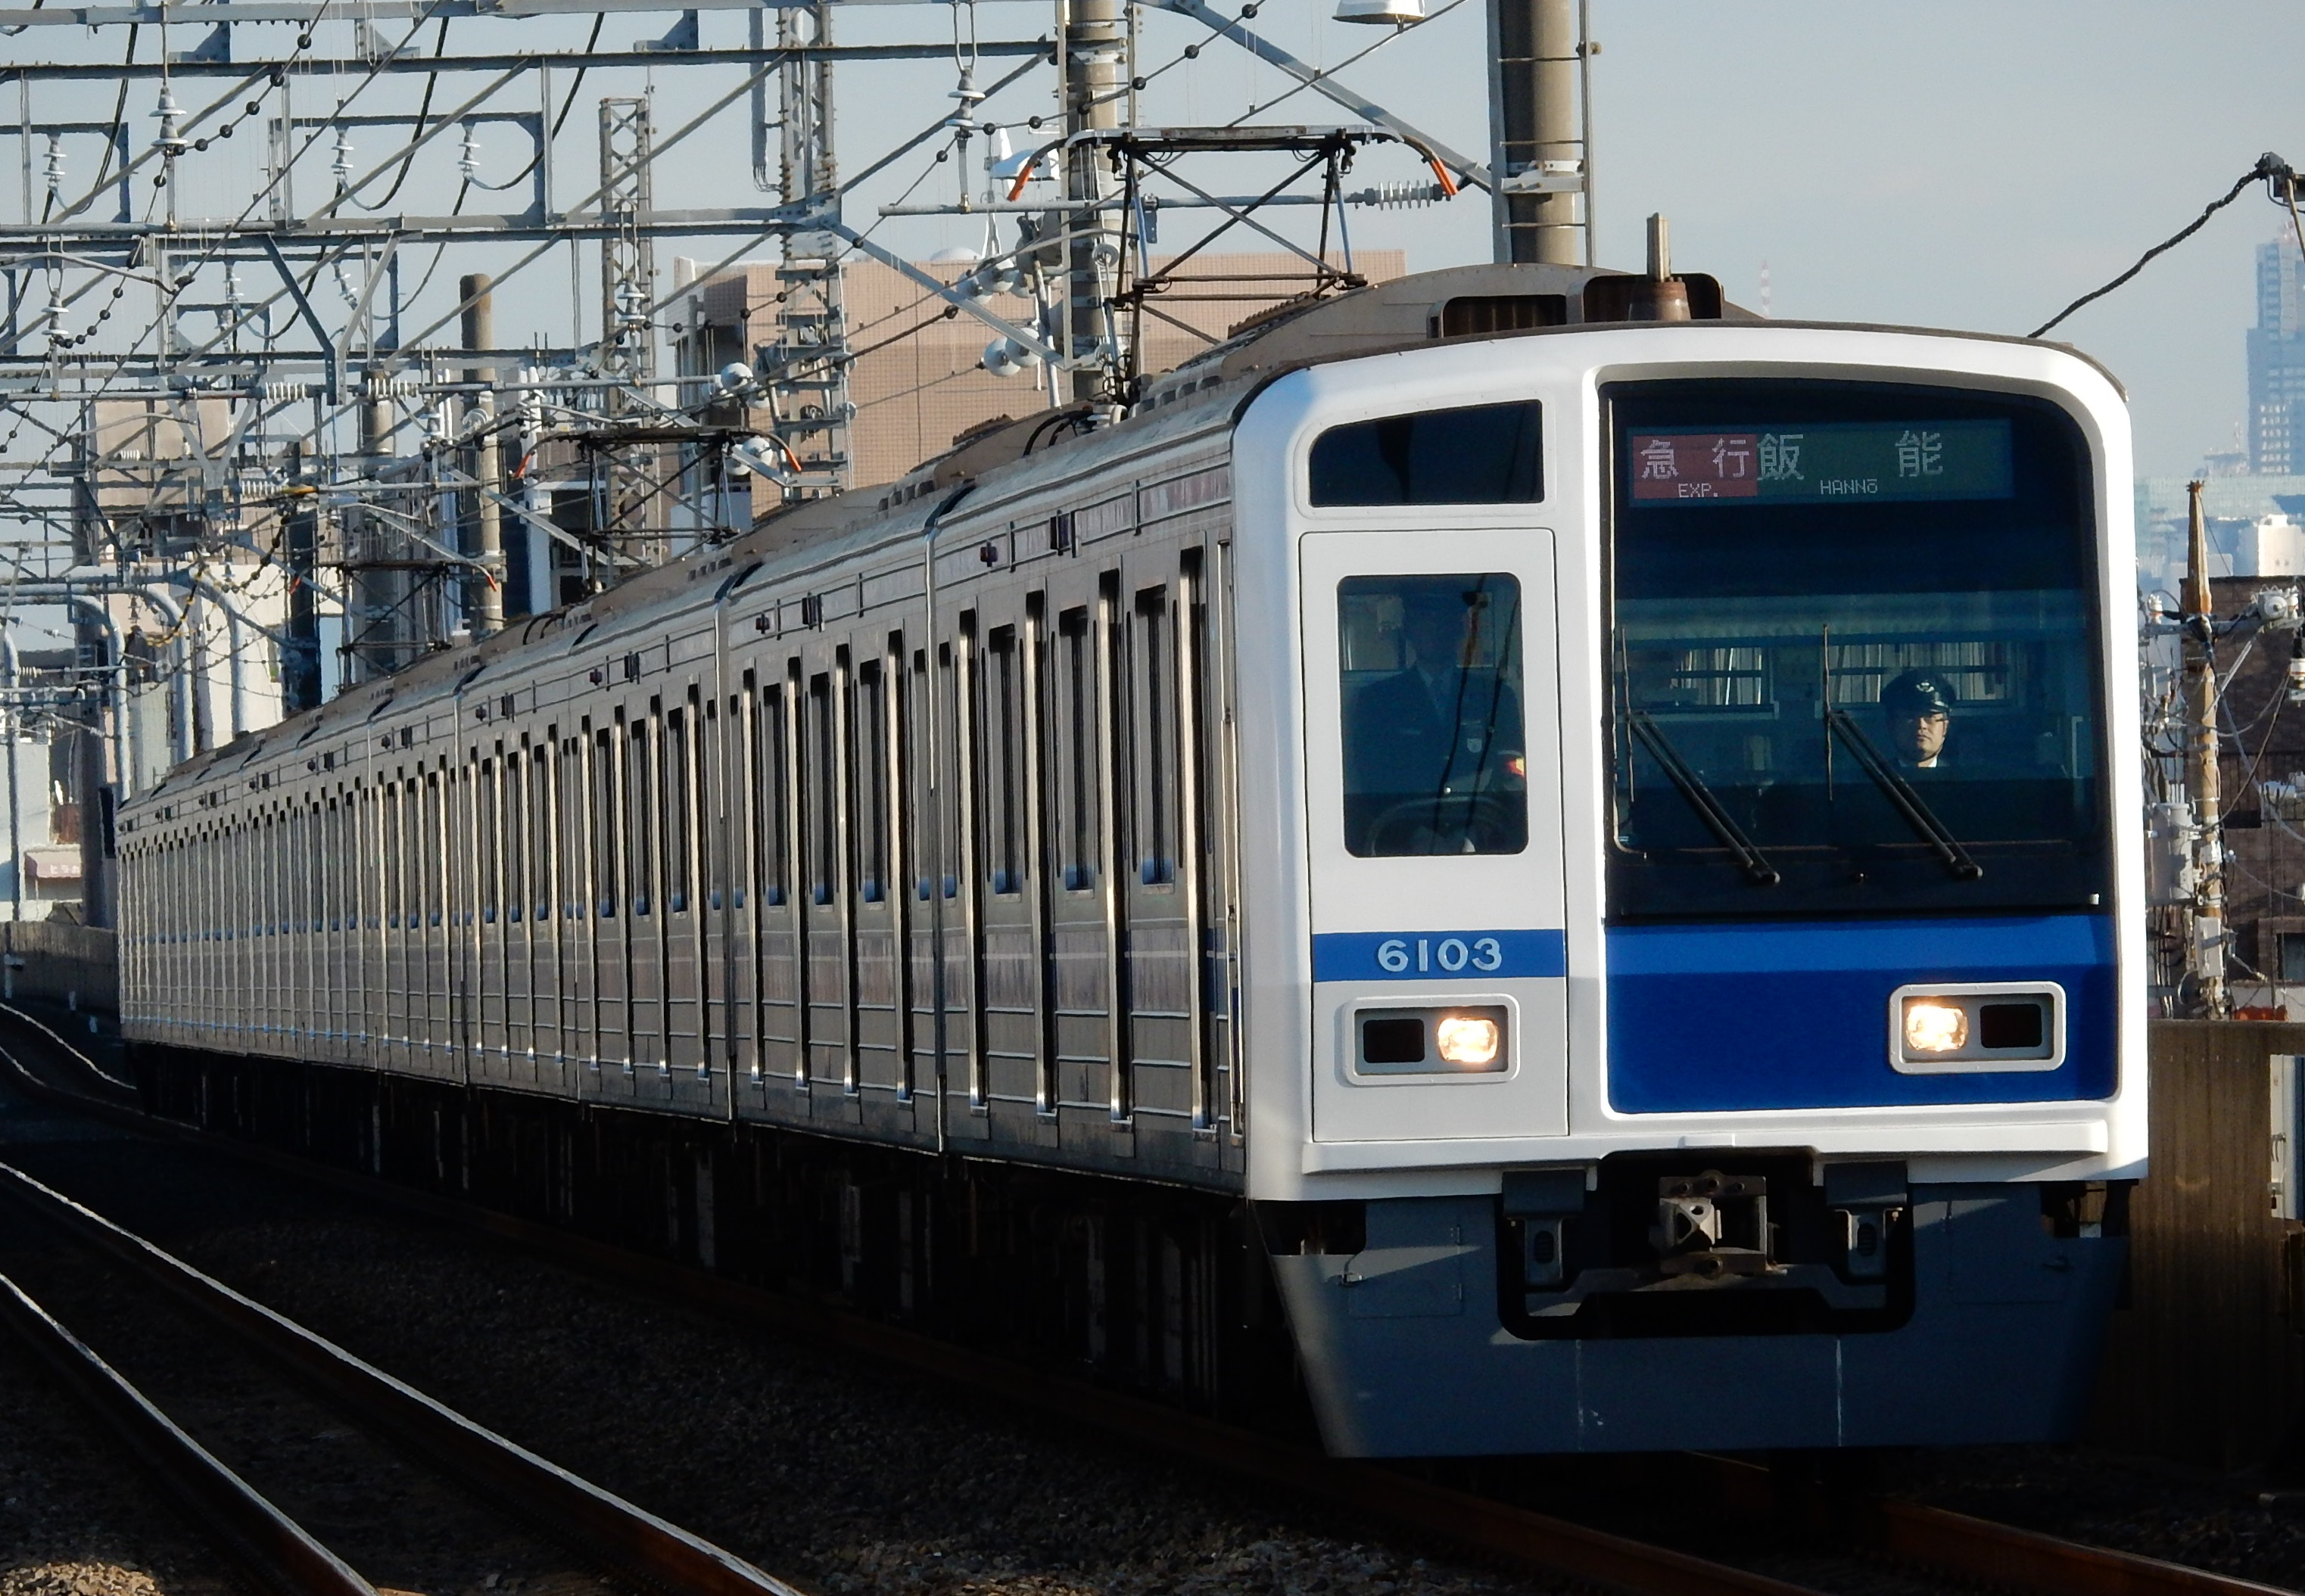 DSCN9971.jpg